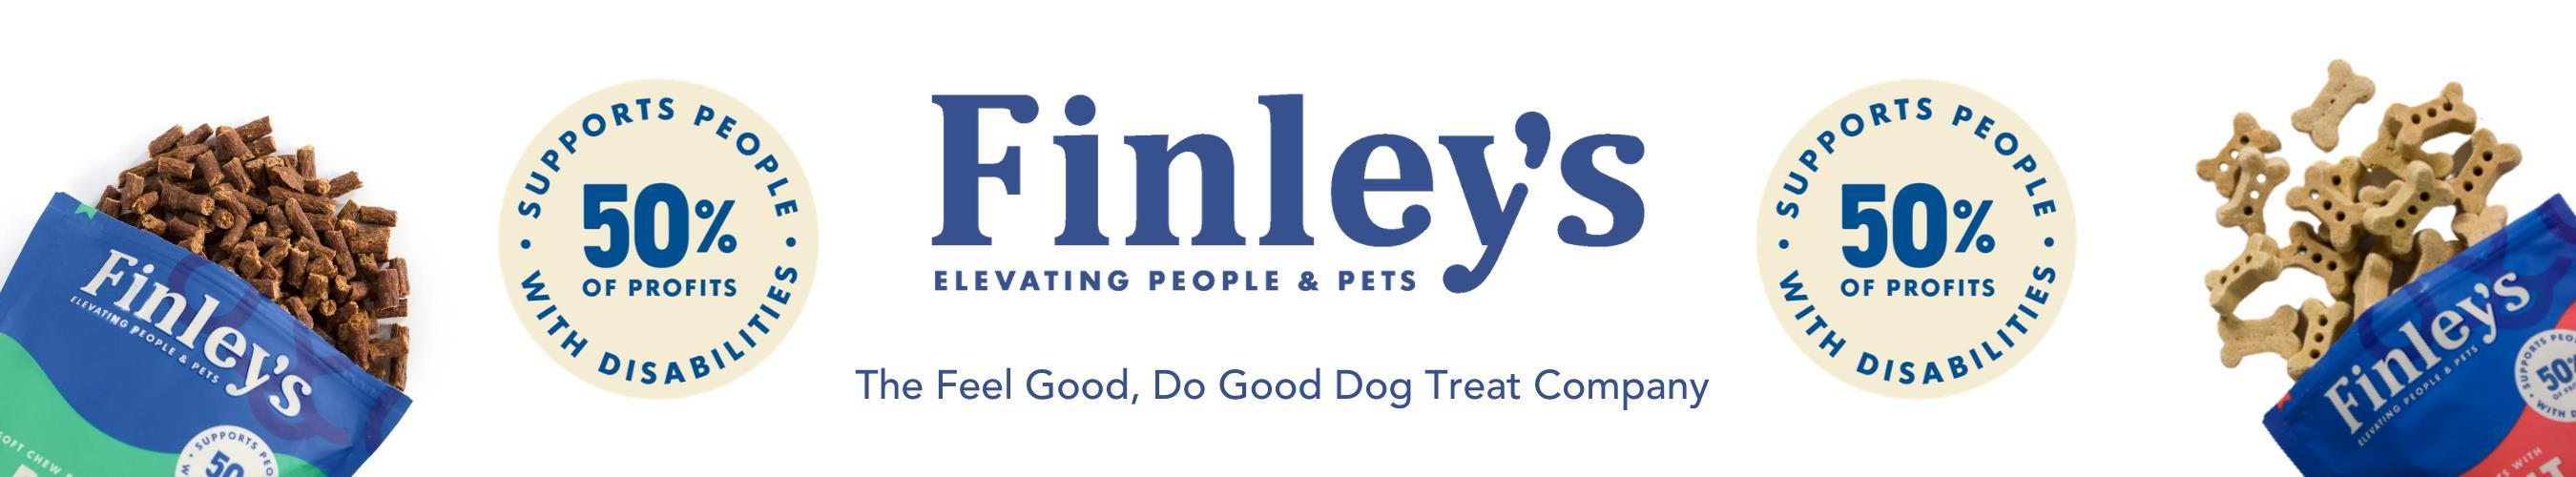 Finley's Barkery SBC